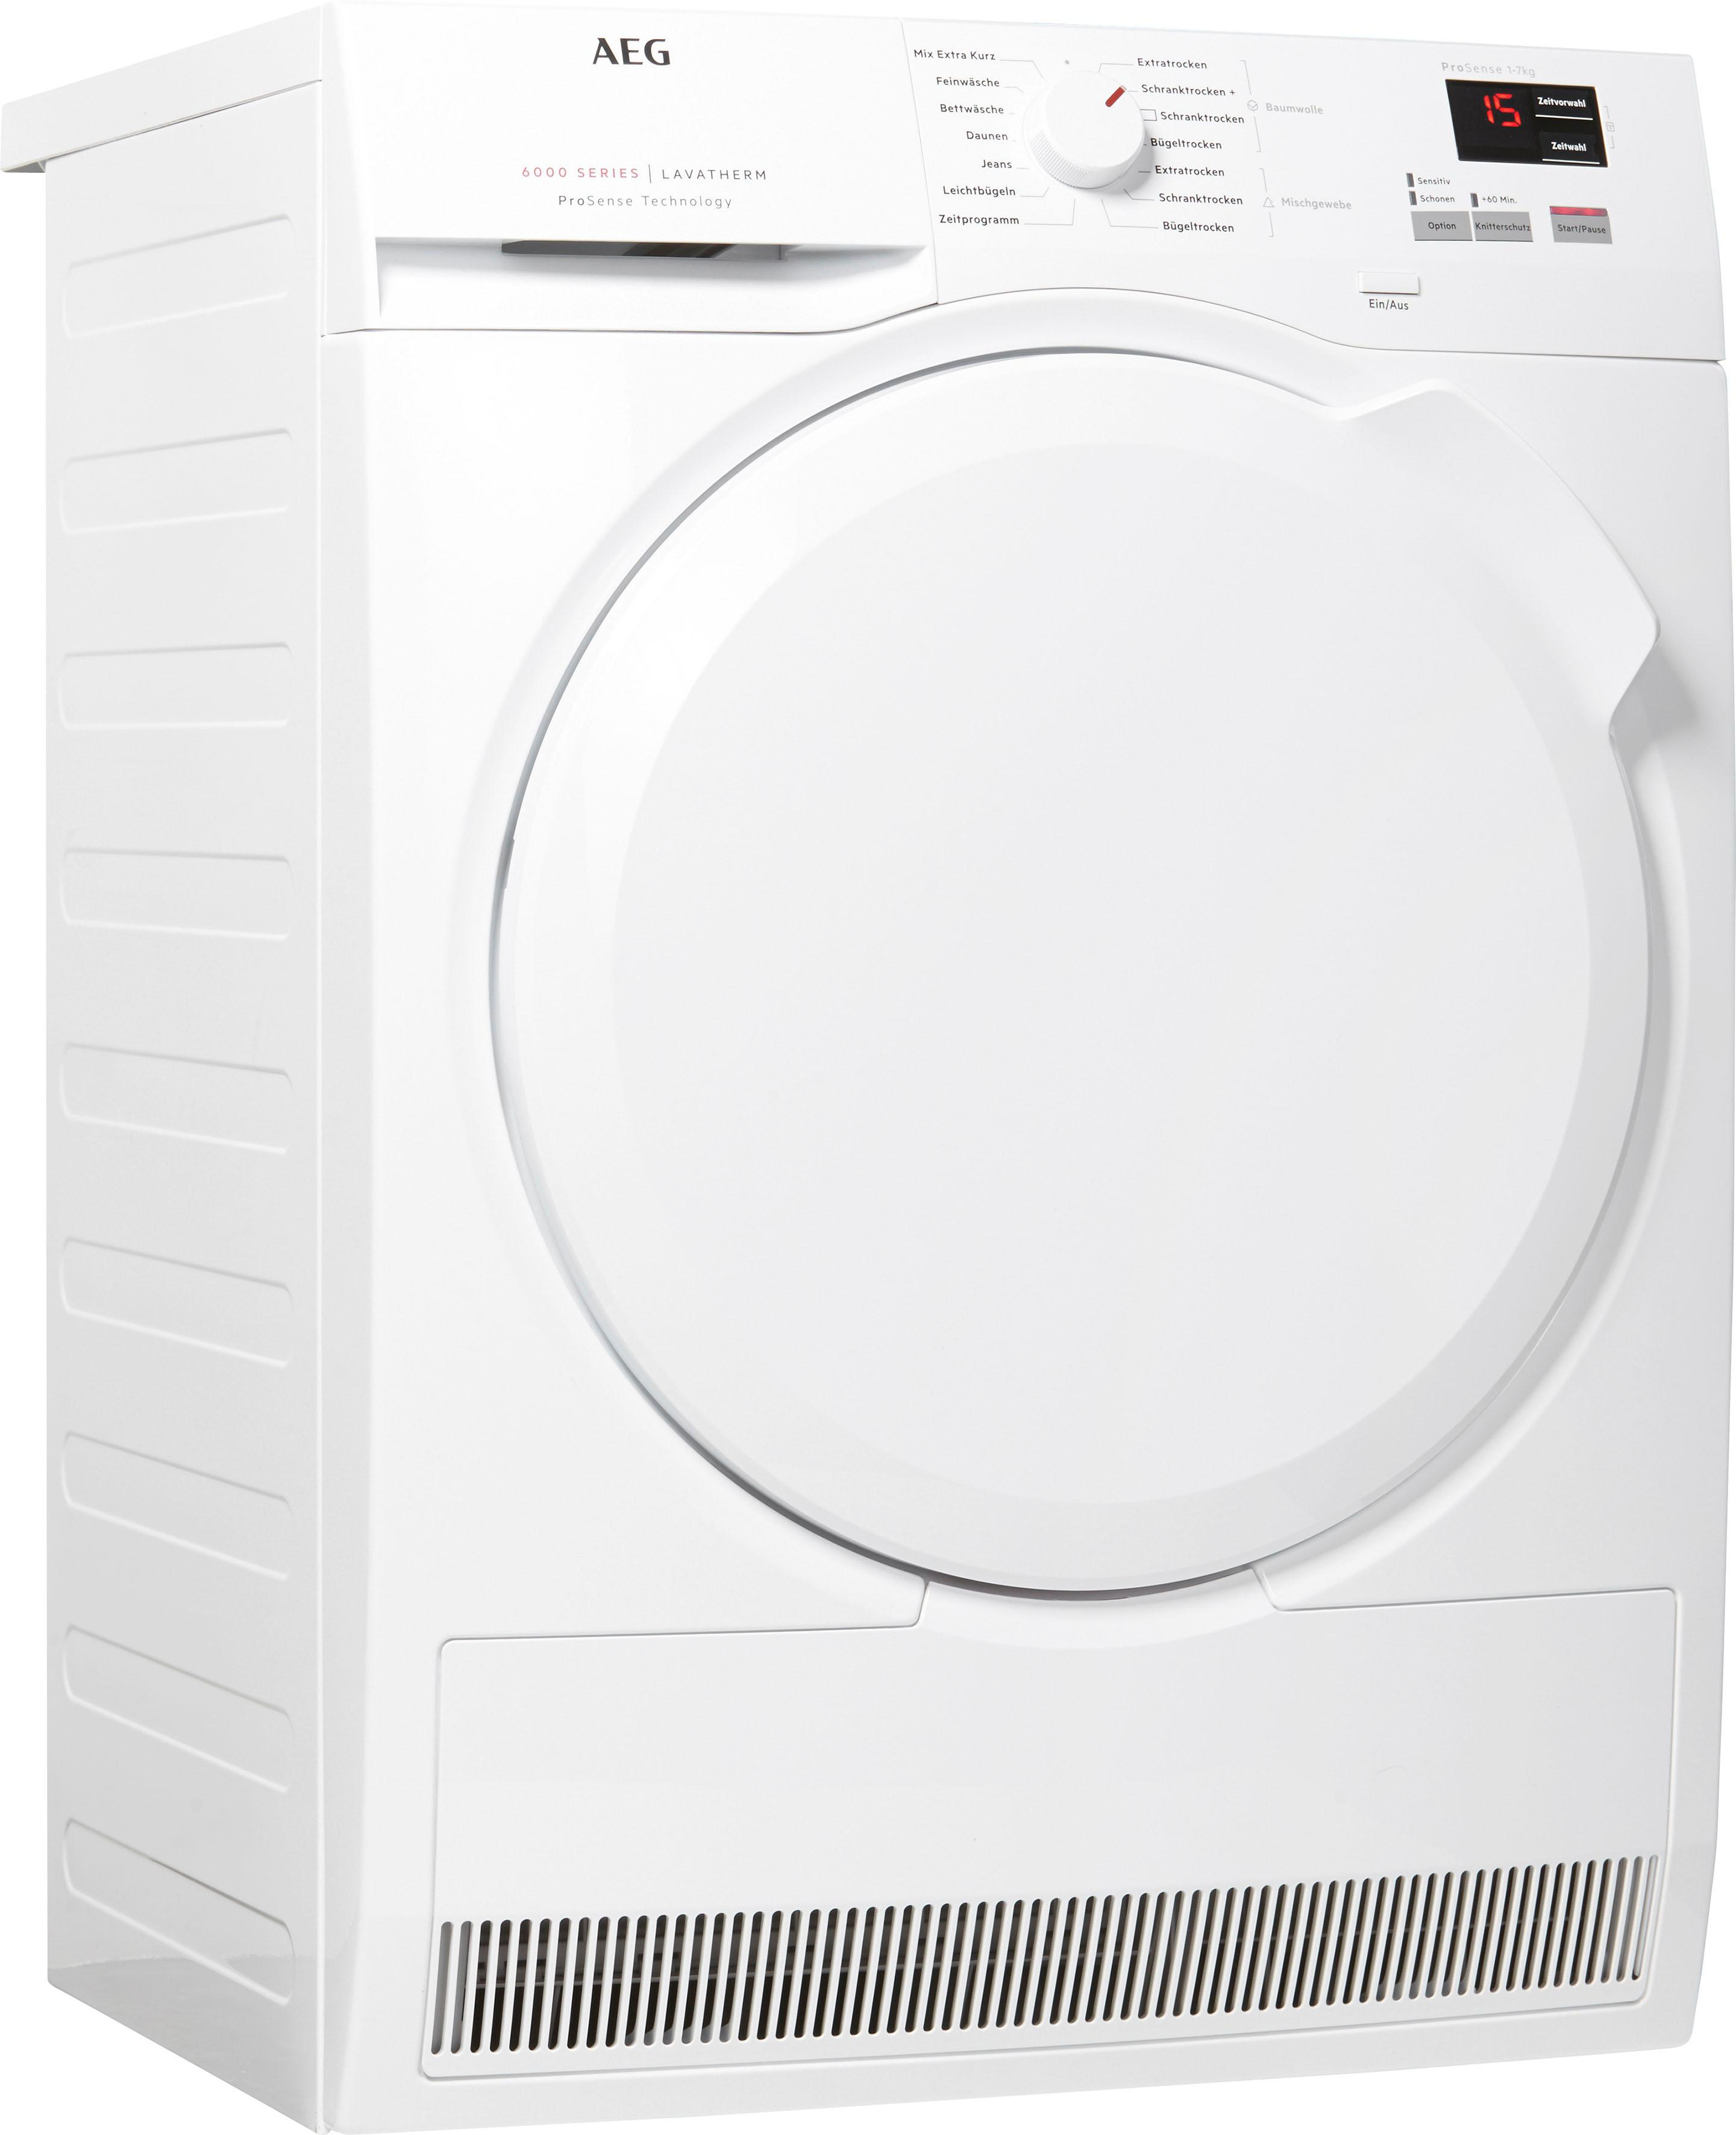 AEG Kondenstrockner 6000 T6DB40370 7 kg   Bad > Waschmaschinen und Trockner > Kondenstrockner   Weiß   Aeg Electrolux